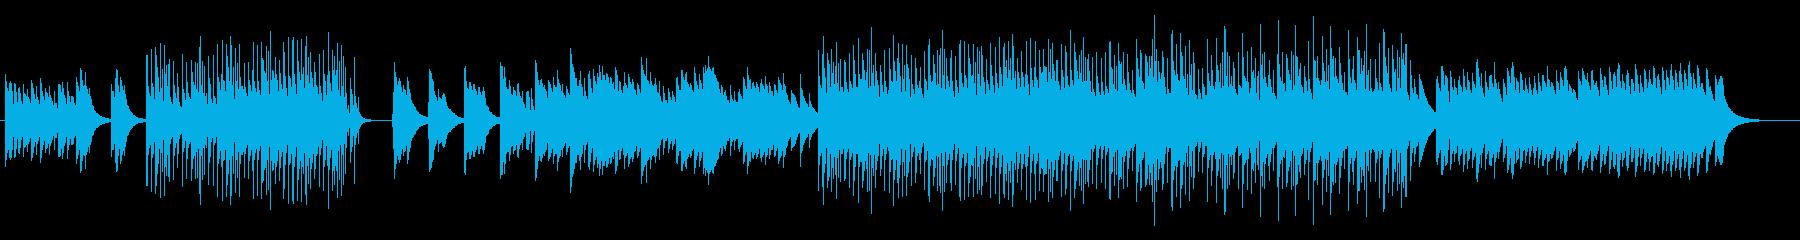 切ない雰囲気のダークゴシックの再生済みの波形